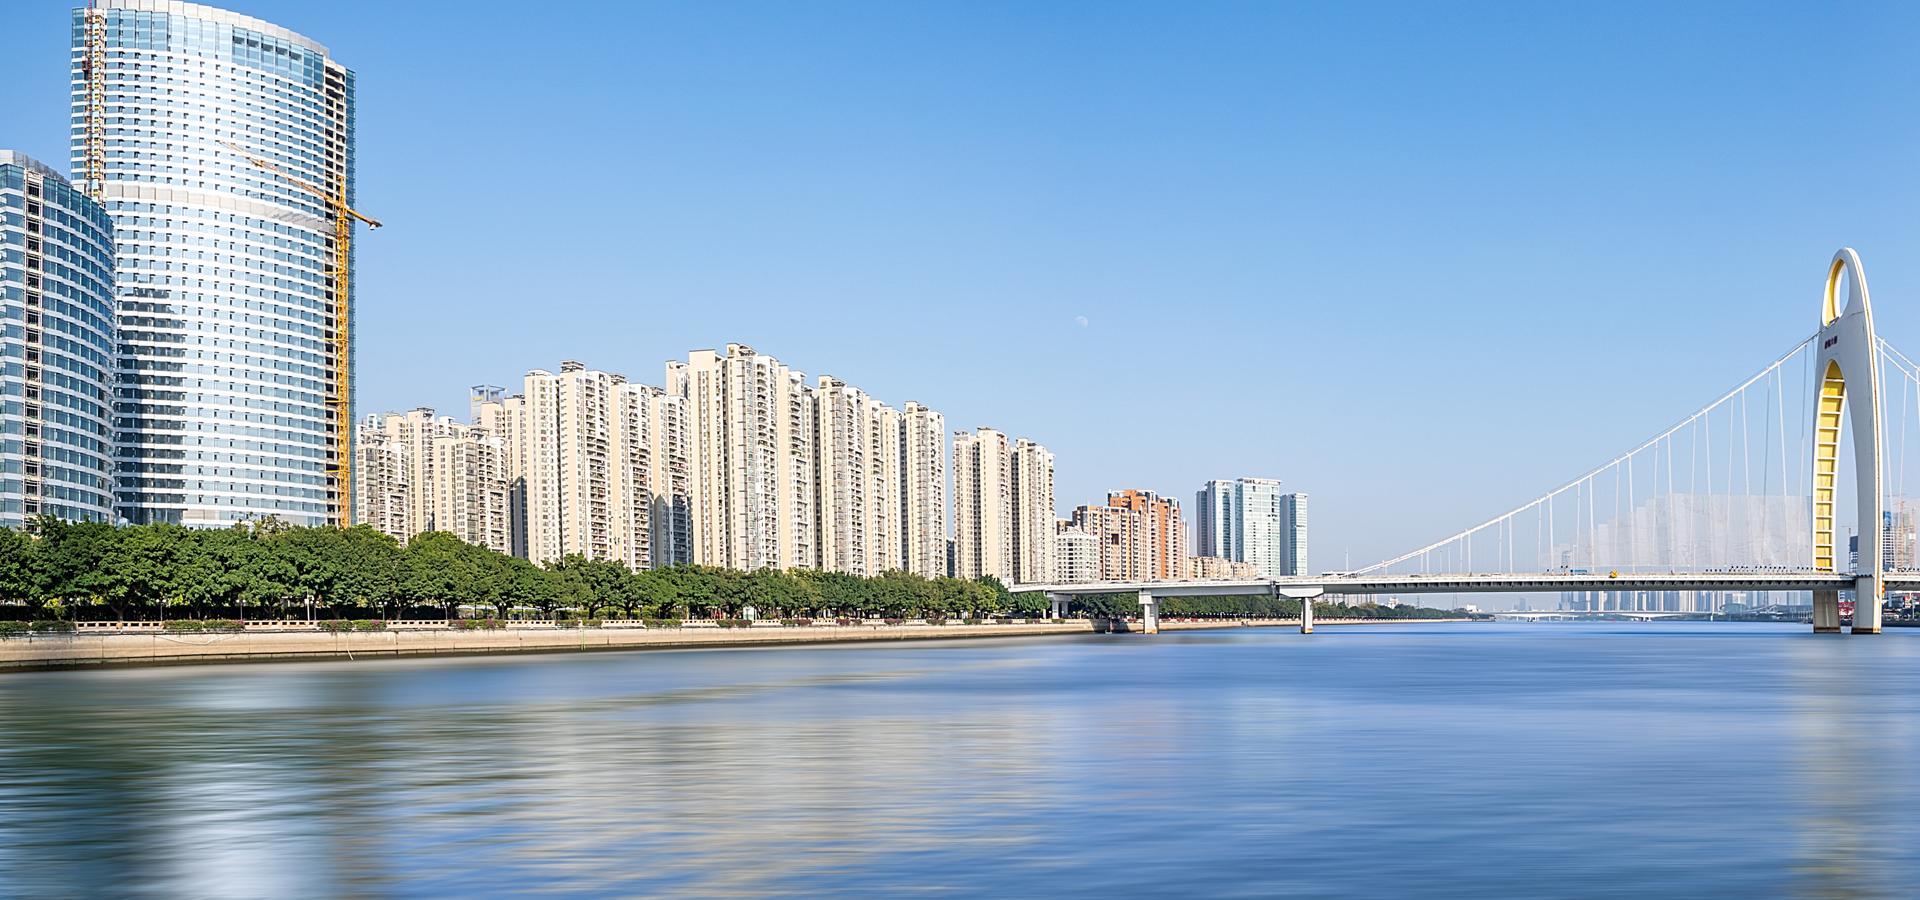 Peer-to-peer advisory in Guangzhou, Guangdong, China